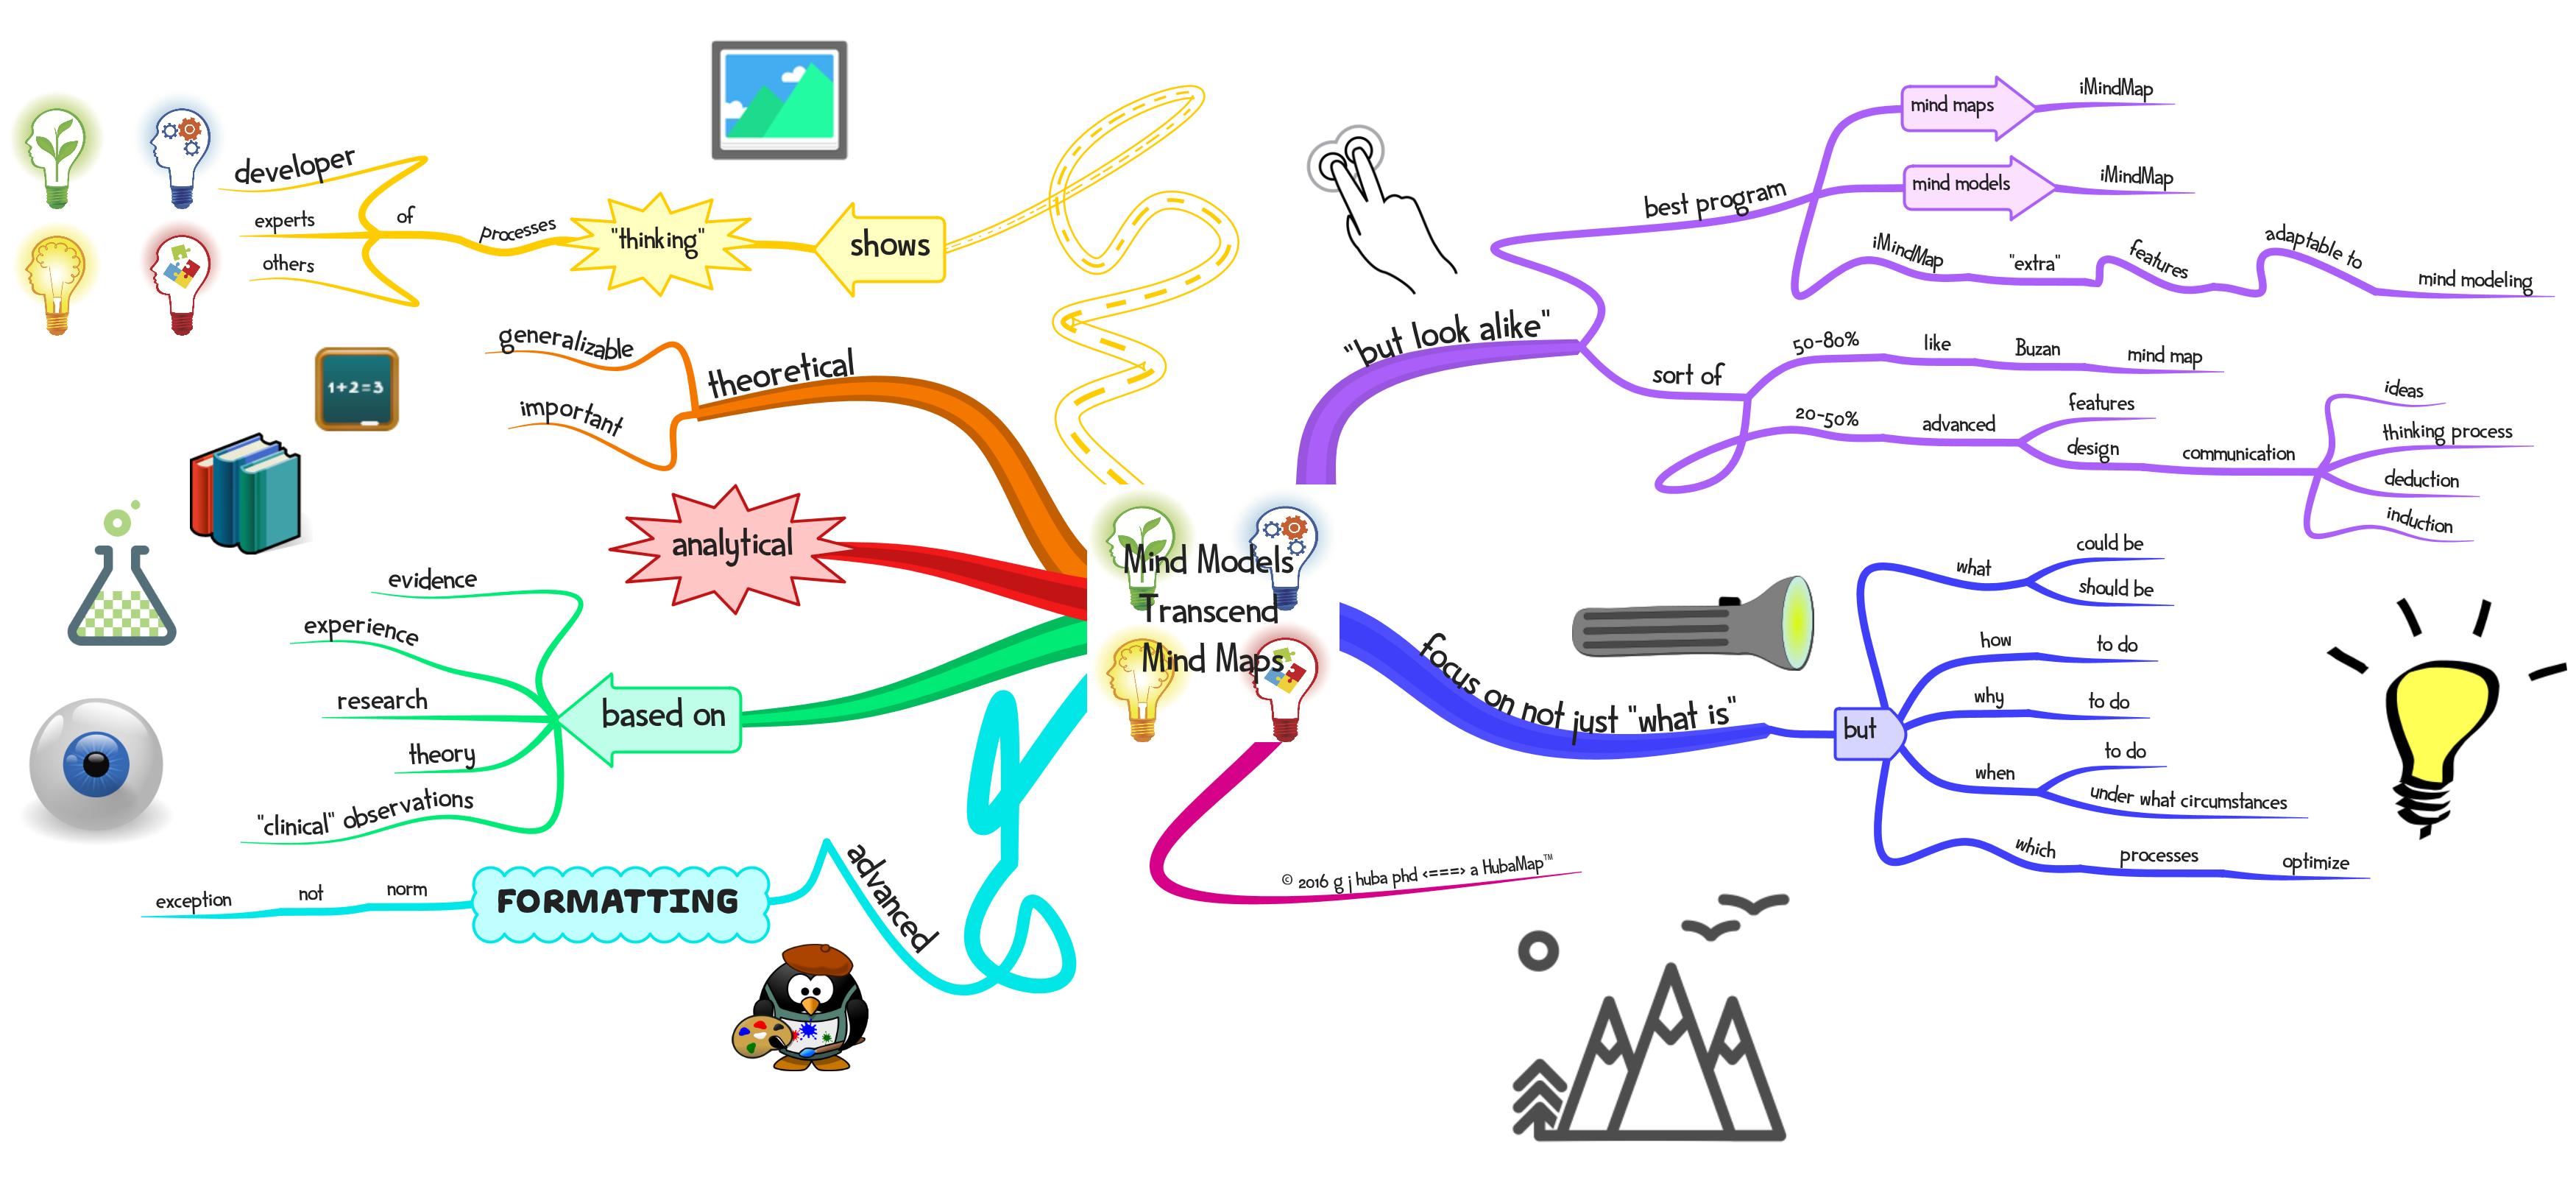 Mind Models Transcend Mind Maps